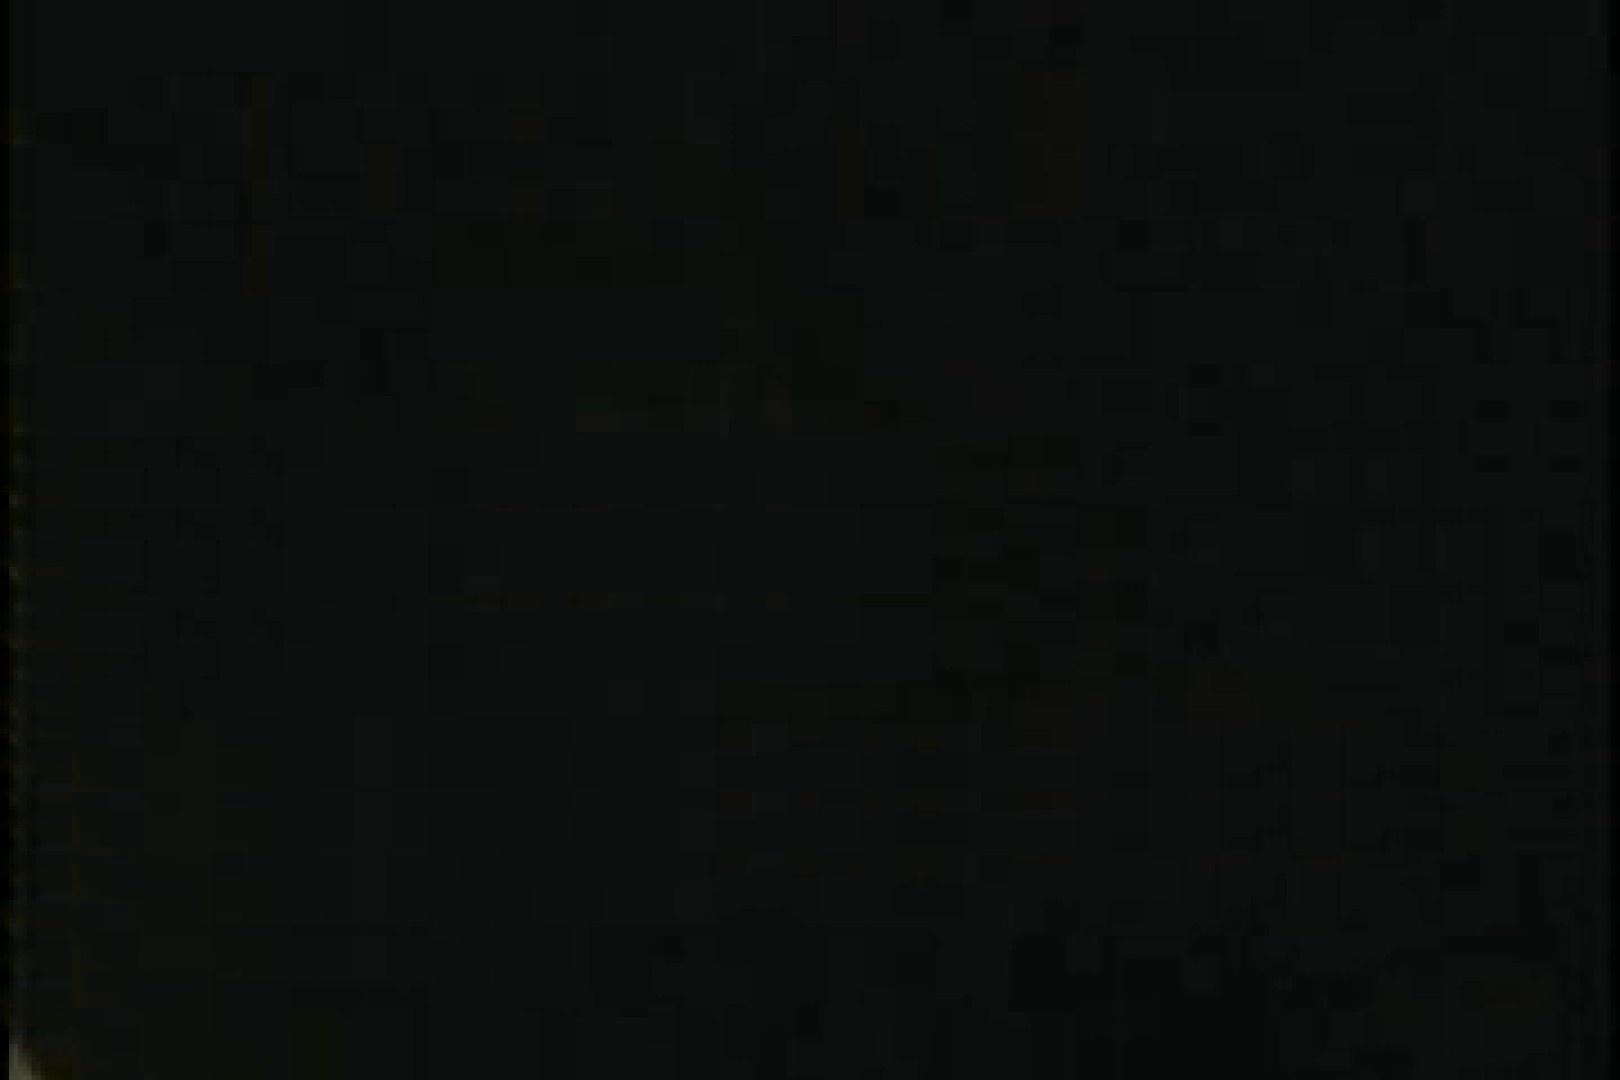 陰間茶屋 男児祭り VOL.3 男どうし ゲイ無料無修正画像 52pic 50